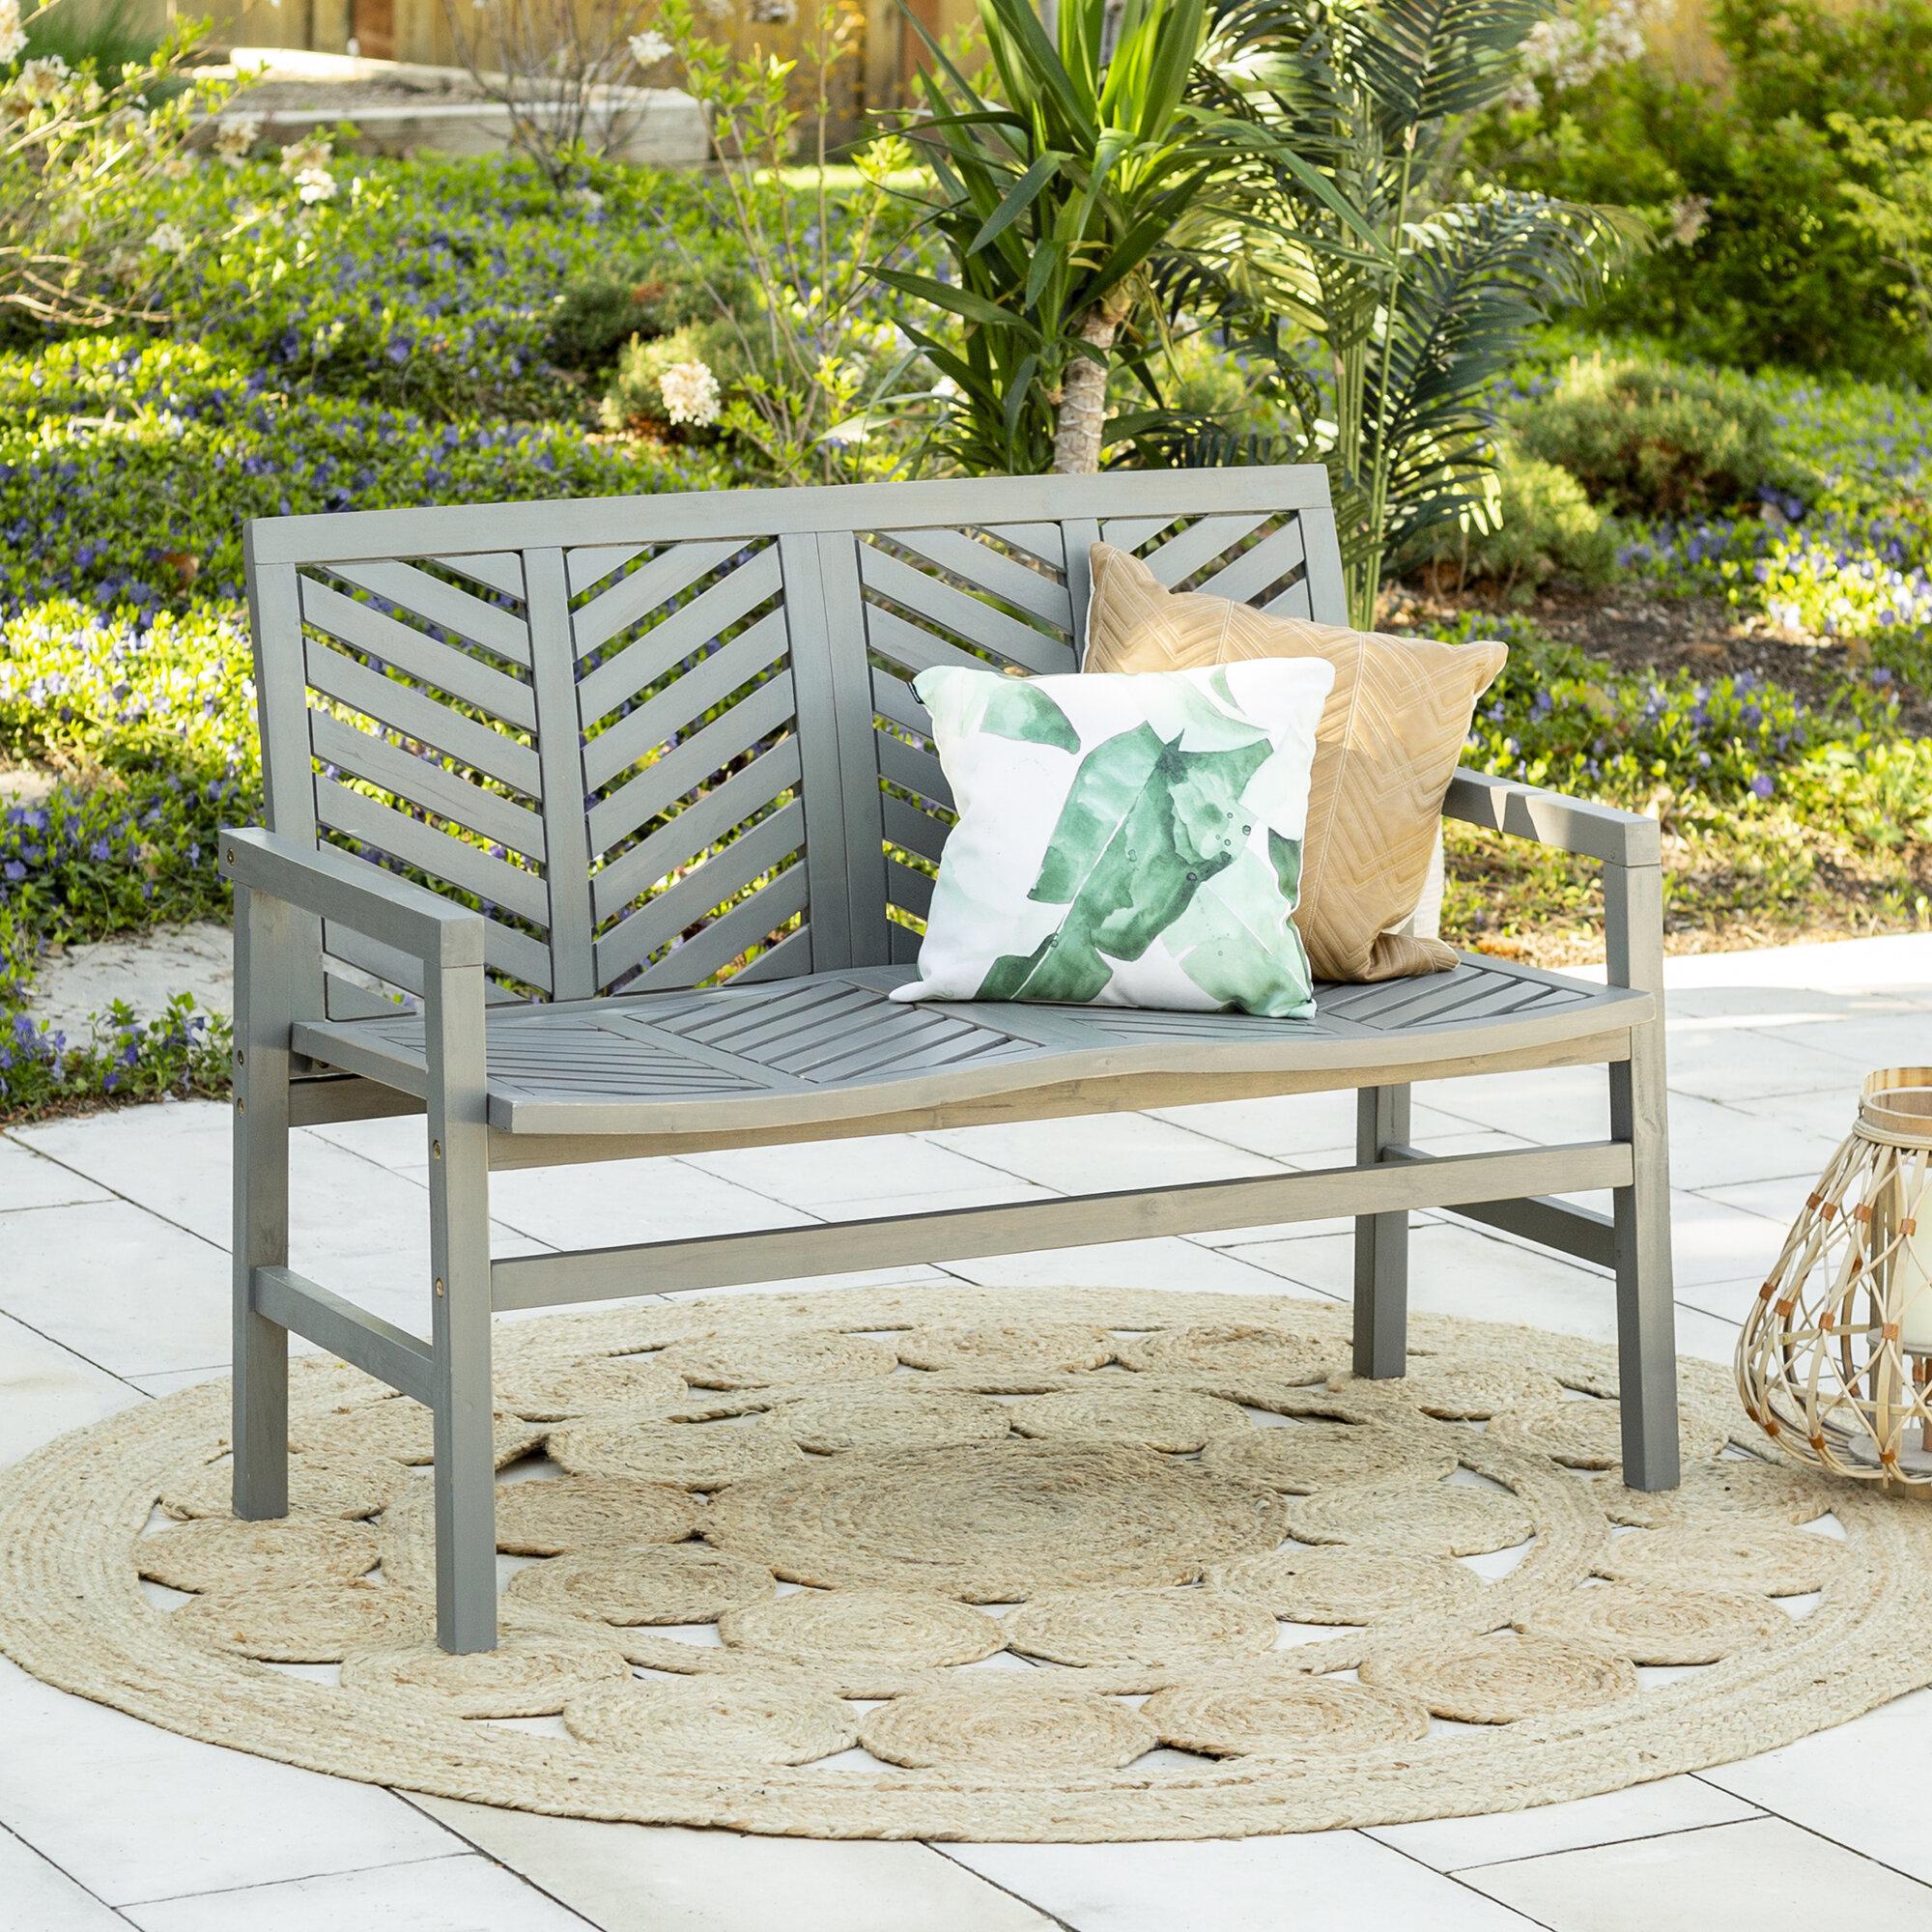 Skoog Chevron Wooden Garden Bench With Regard To Skoog Chevron Wooden Garden Benches (View 3 of 25)